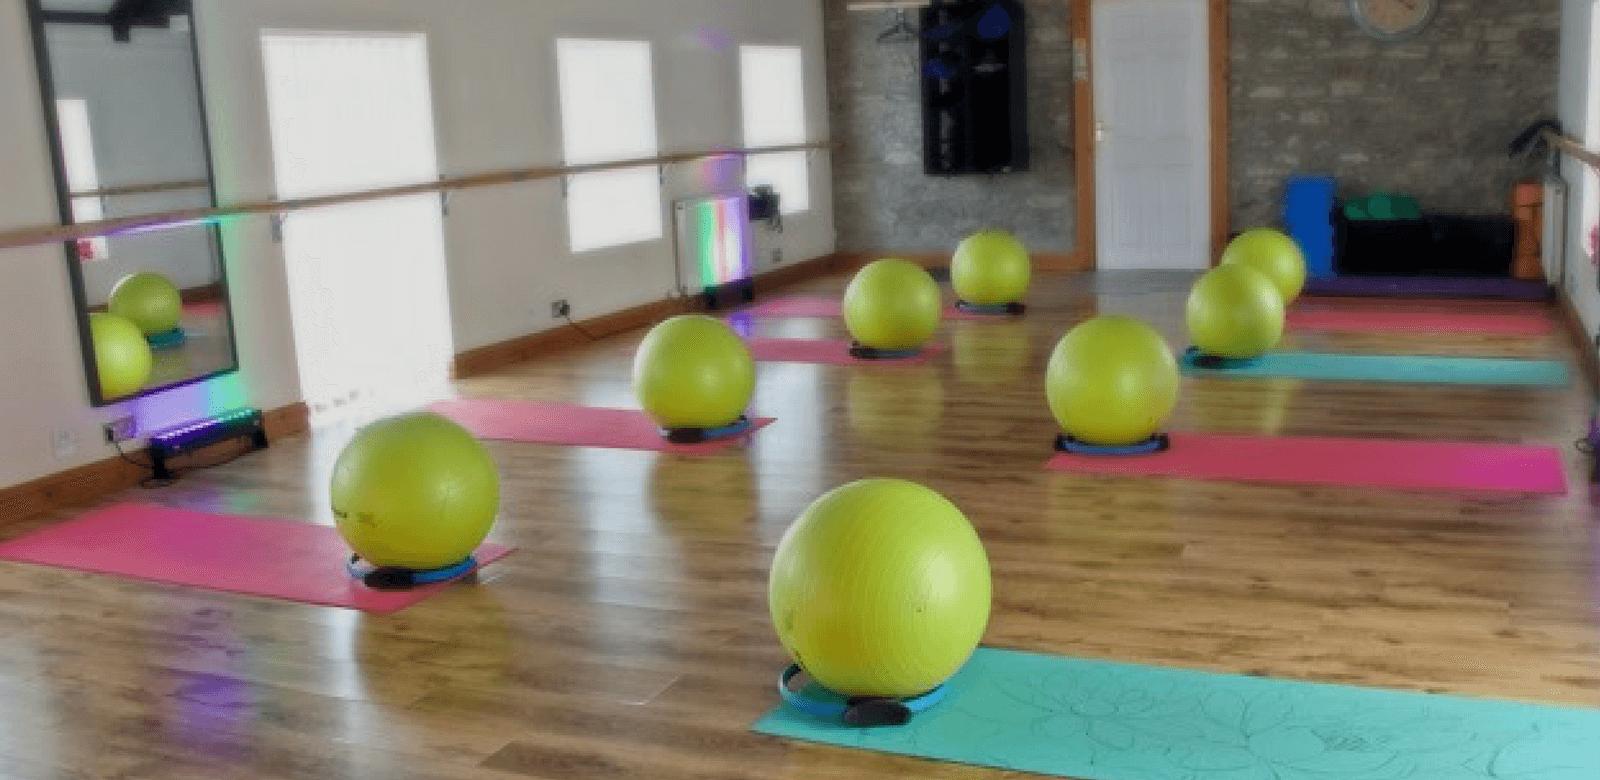 pilates studio in durham